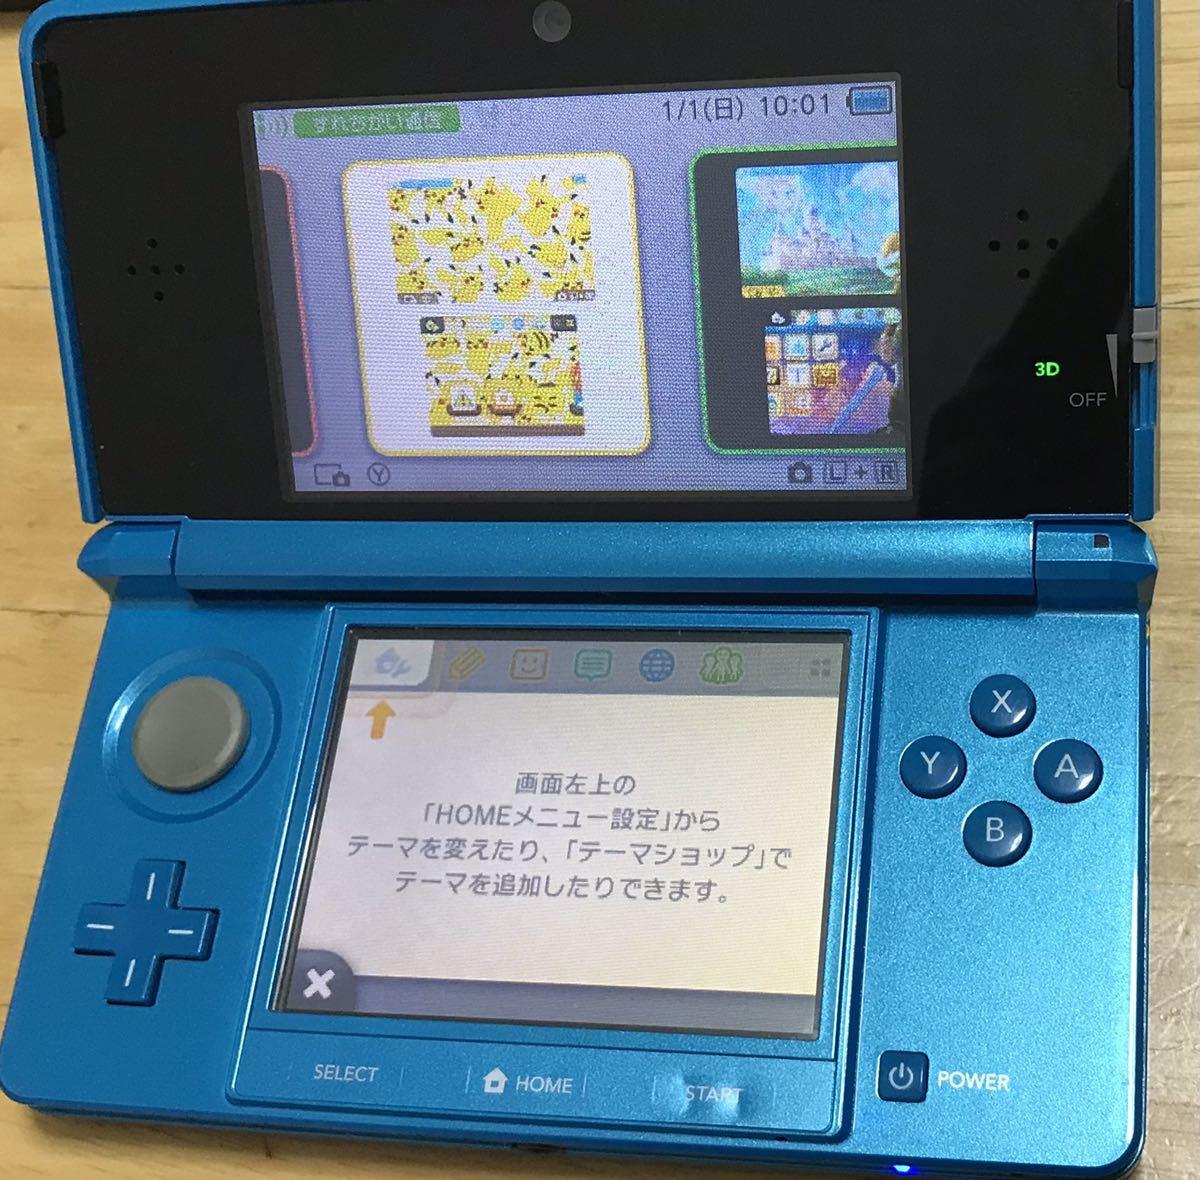 【動作確認済み】ニンテンドー3DS ライトブルー